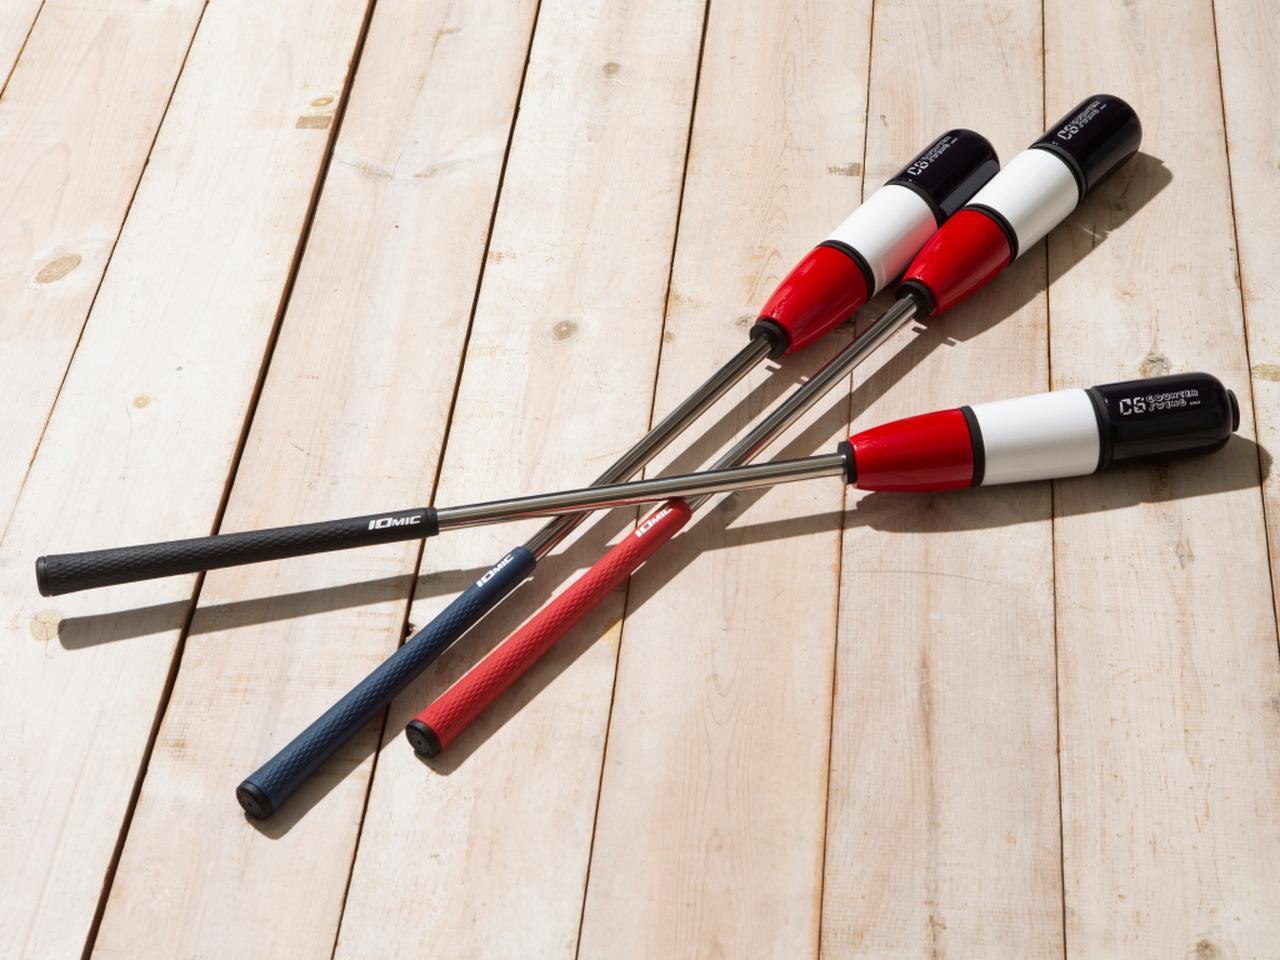 画像: 正しい切り返しが体感できる素振り練習器具「カウンタースイング」